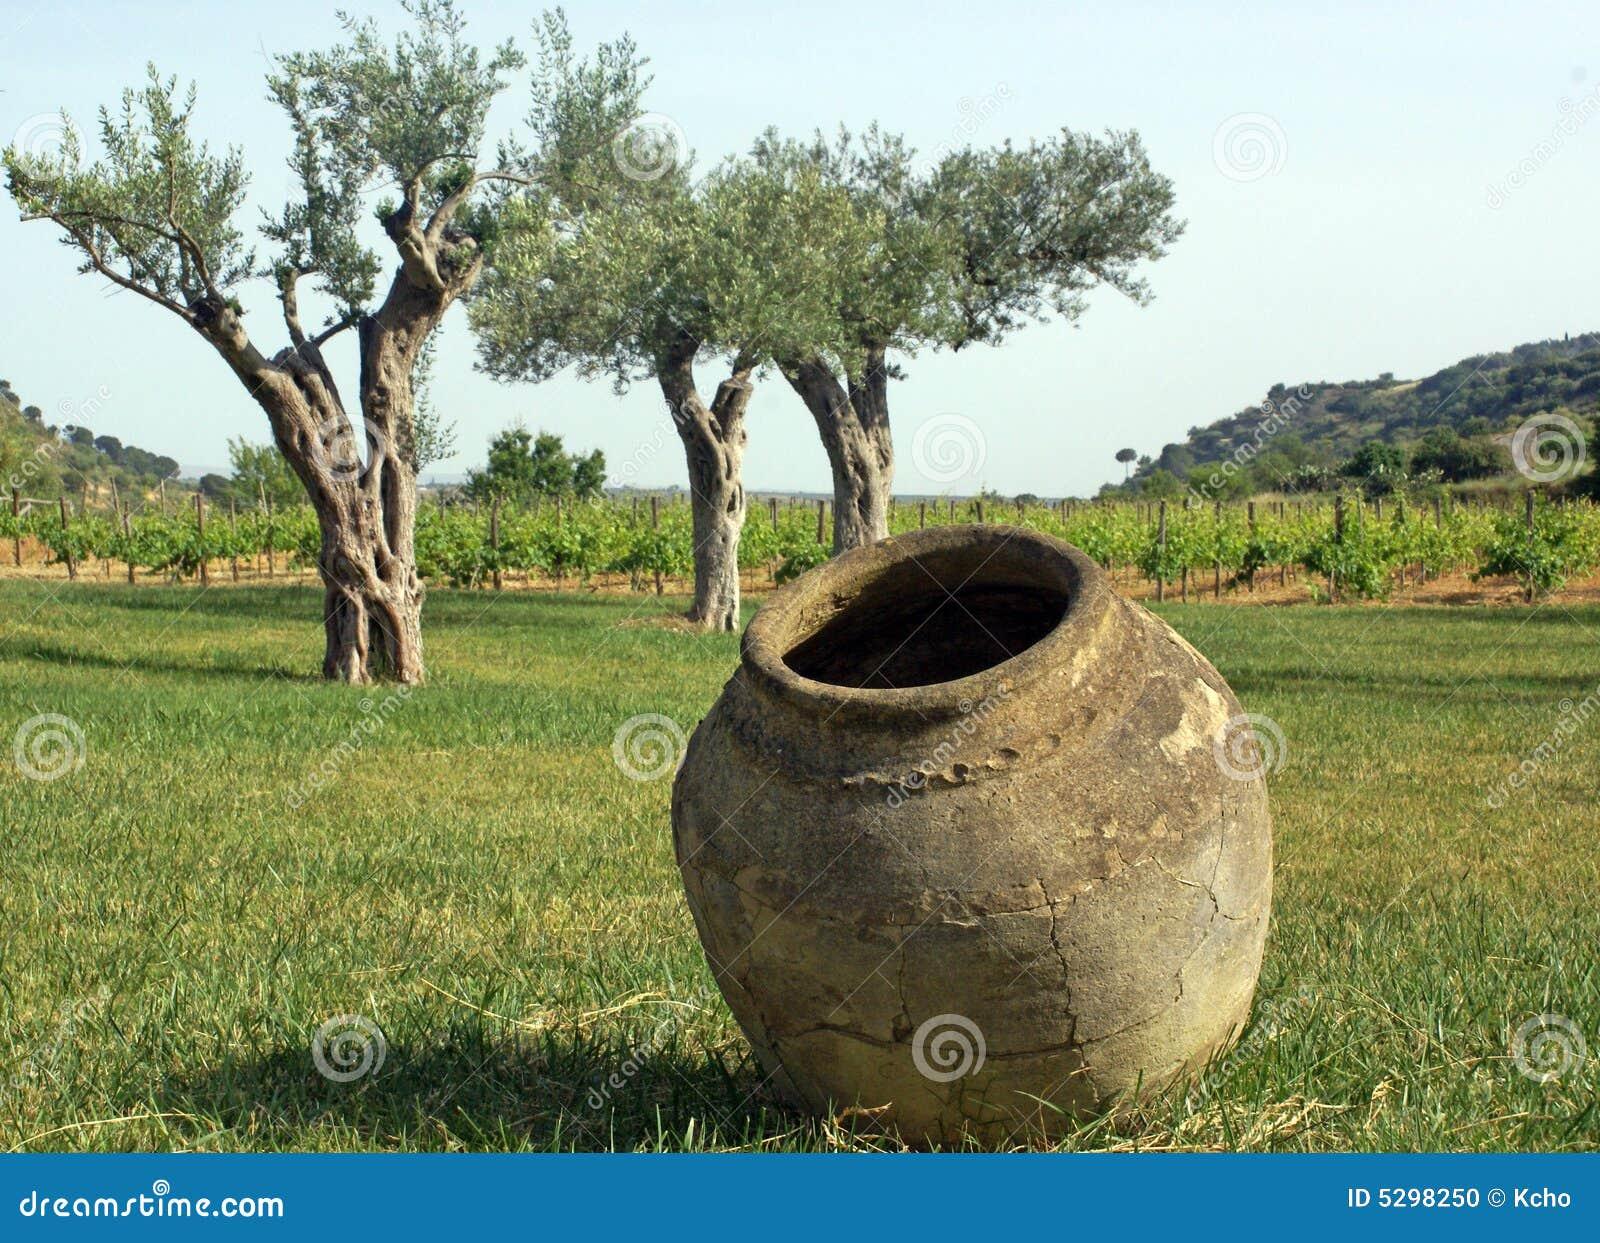 Old jar and ulivi